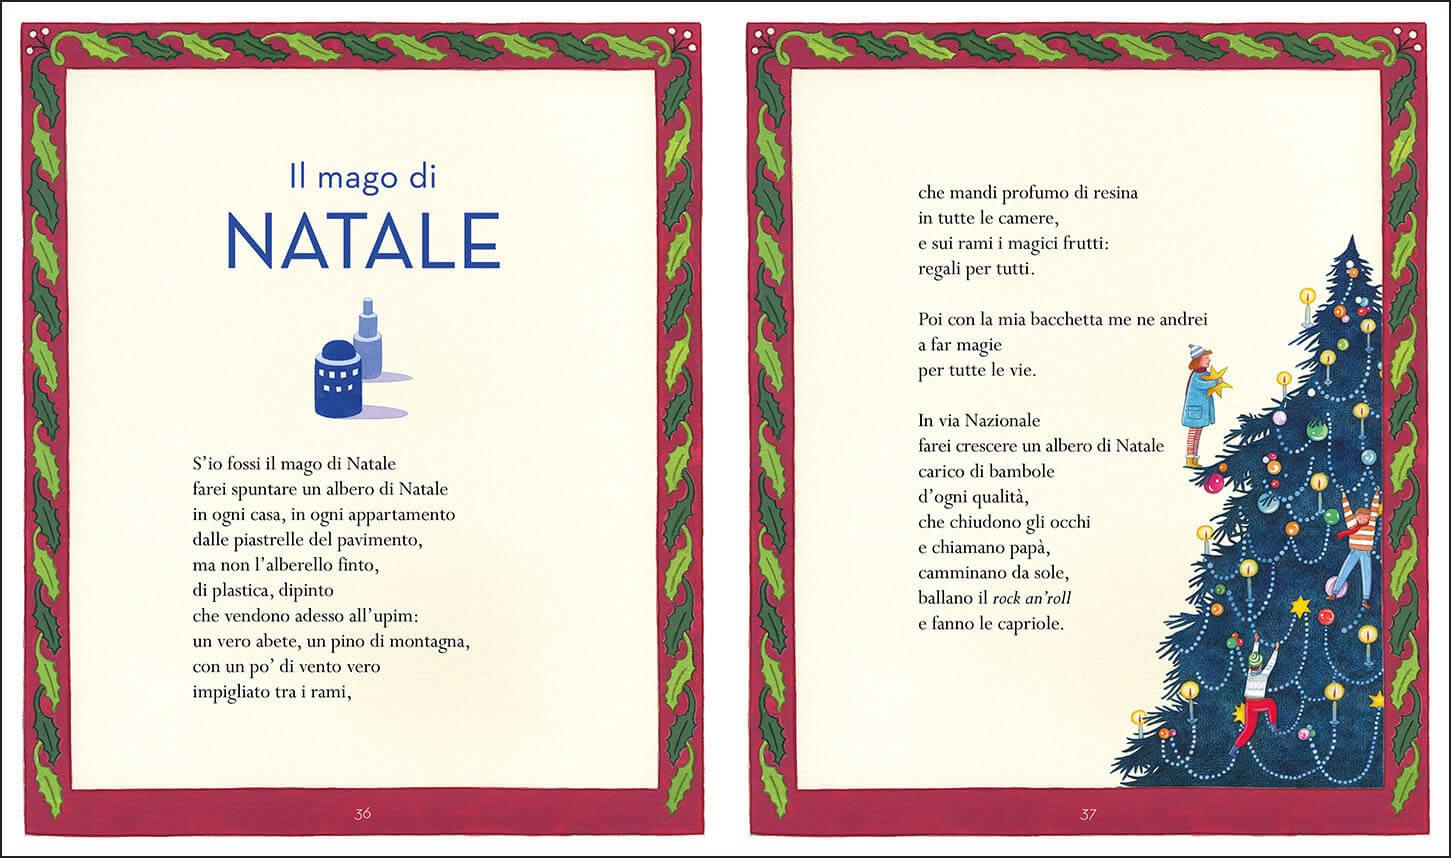 Poesia Natale Rodari.Sotto L Albero C E Un Rodari Per Tutti Scommettiamo 100 Gianni Rodari